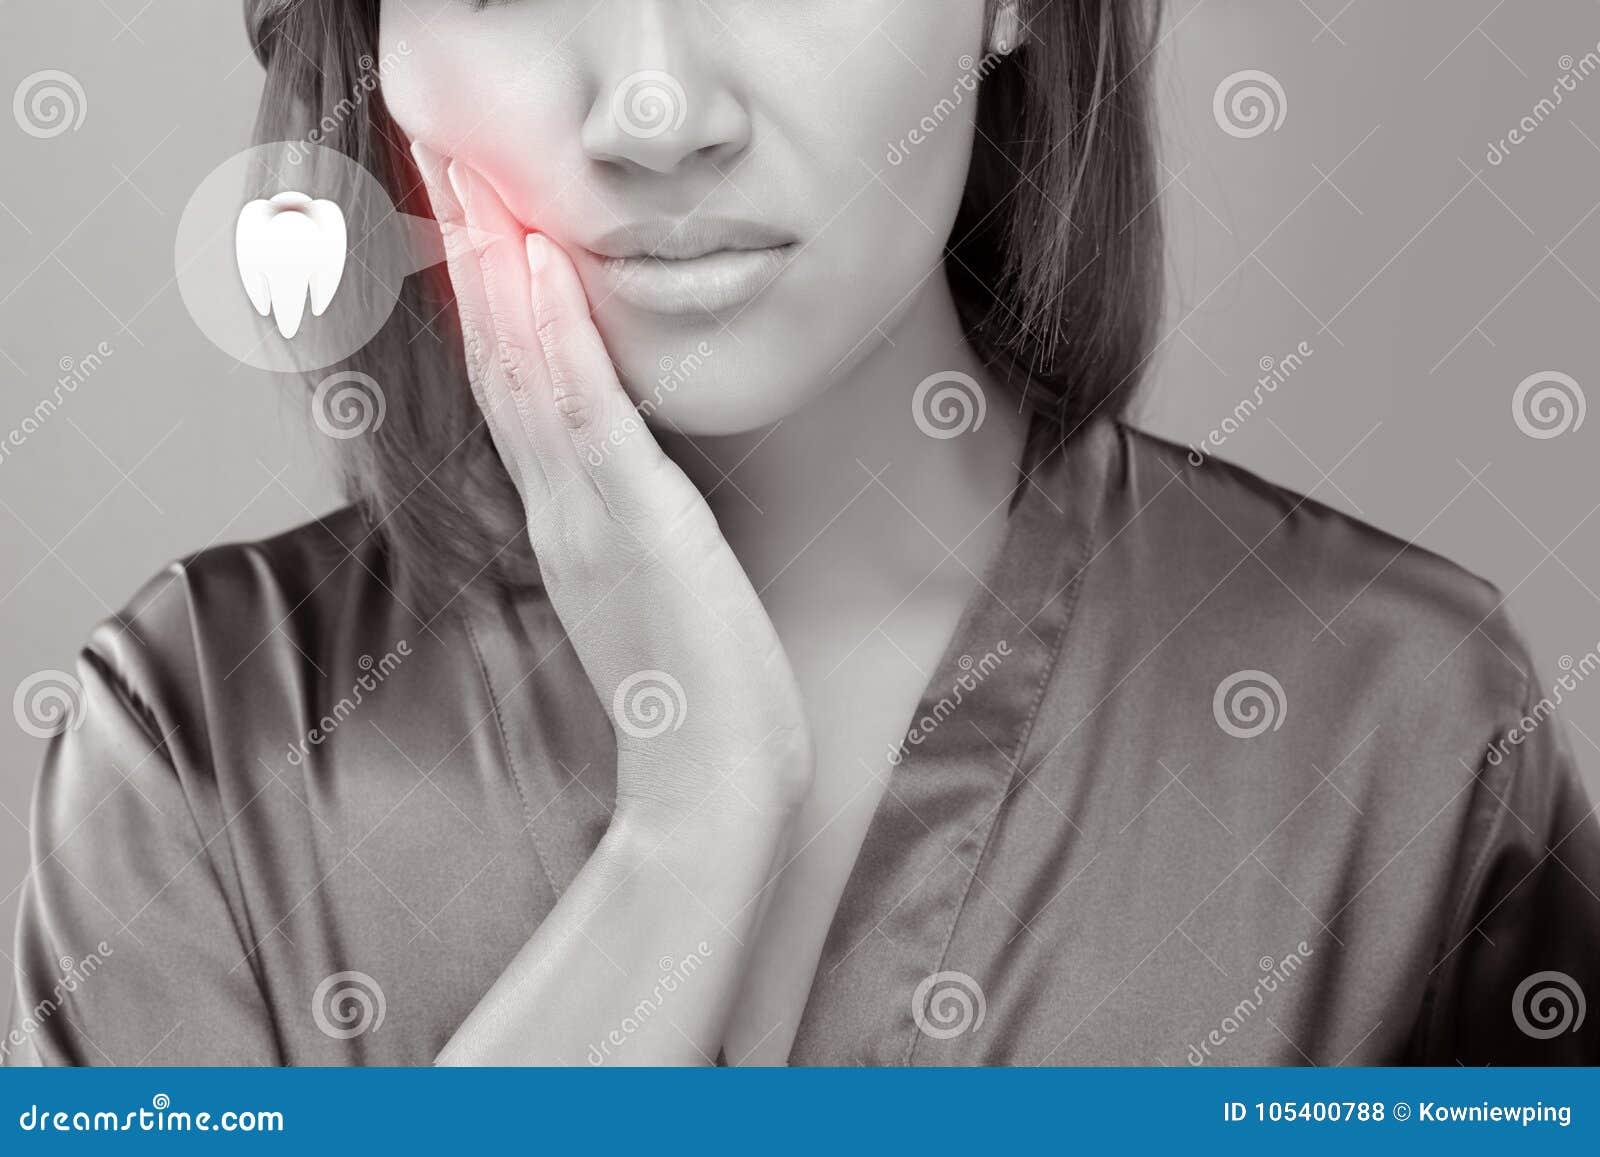 Dolor de muelas foto de archivo. Imagen de dental..